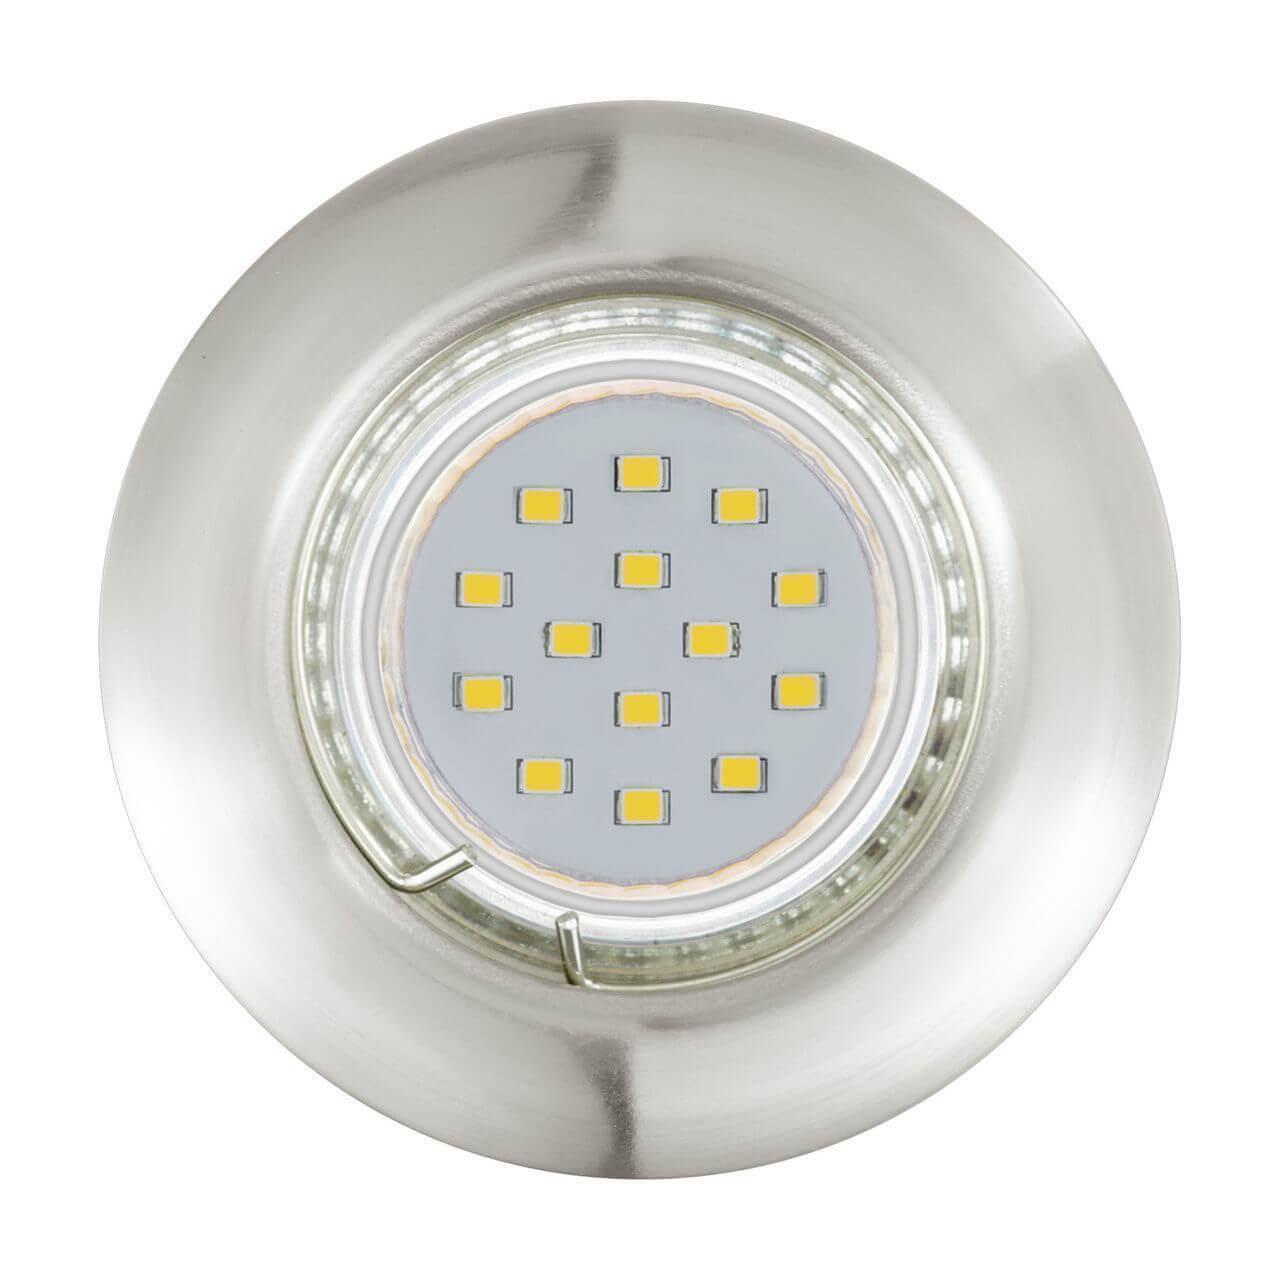 Светильник Eglo 94237 Peneto встраиваемый светодиодный светильник eglo peneto 1 95899